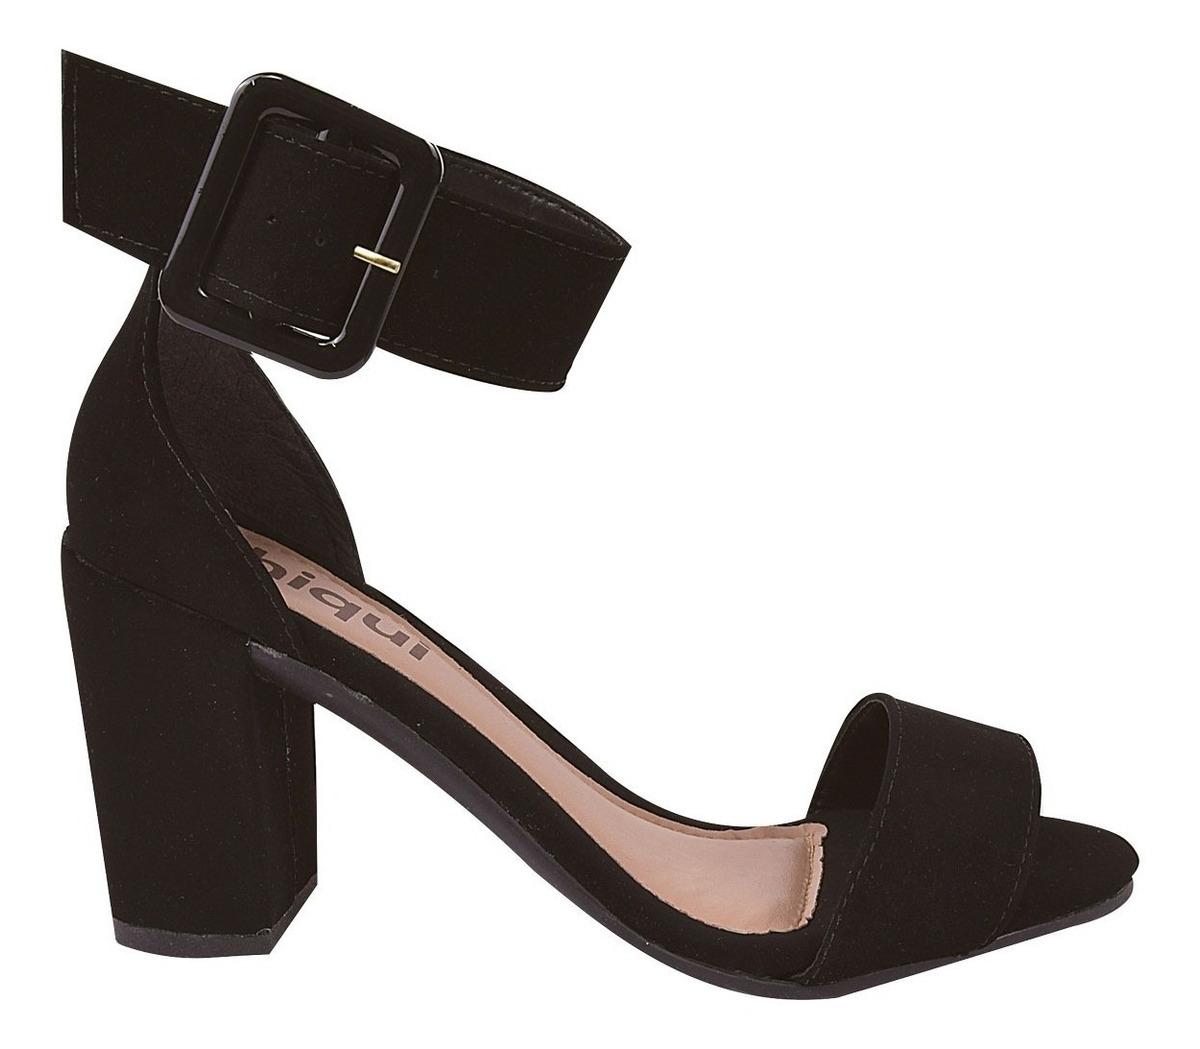 3113730a6 sandalia feminina salto alto grosso moda 2019 festa yrt2. Carregando zoom.